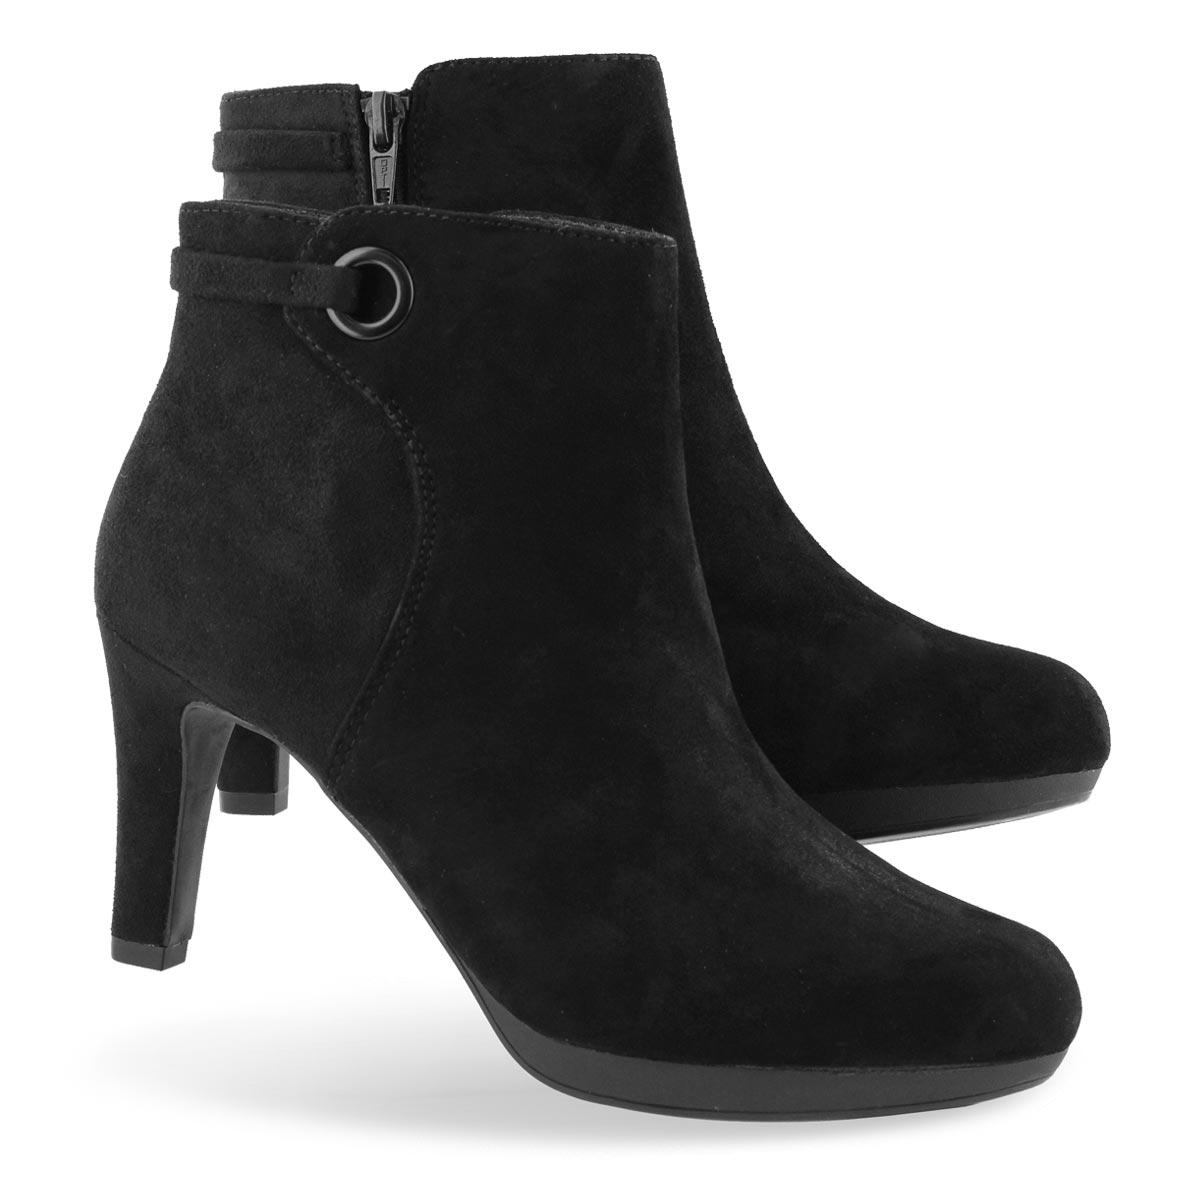 Women's ADRIEL MAE black suede dress boot